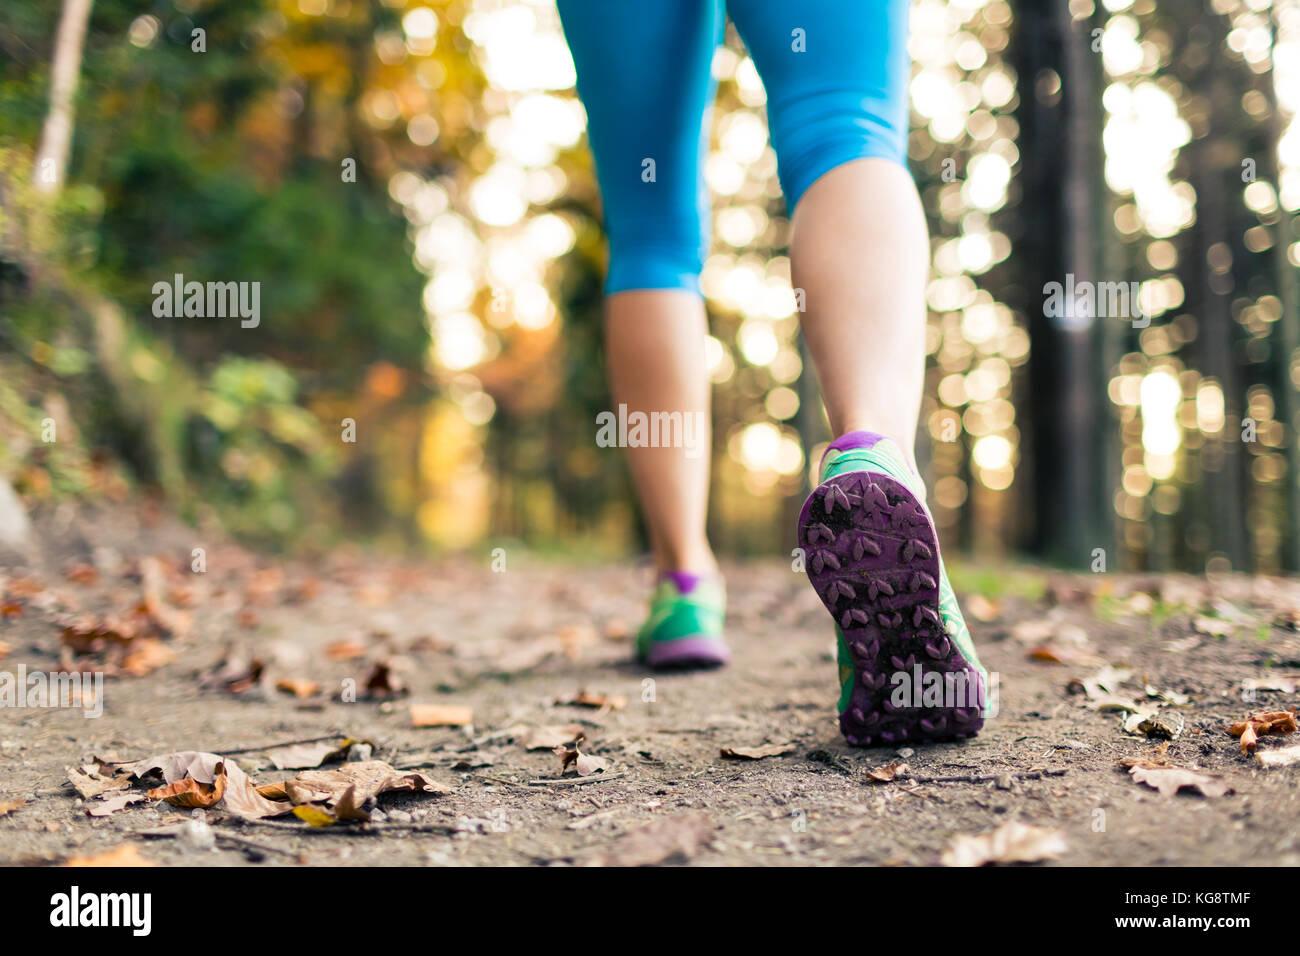 Balades et randonnées en femme forêt d'automne, les chaussures de sport. Le jogging, la randonnée Photo Stock